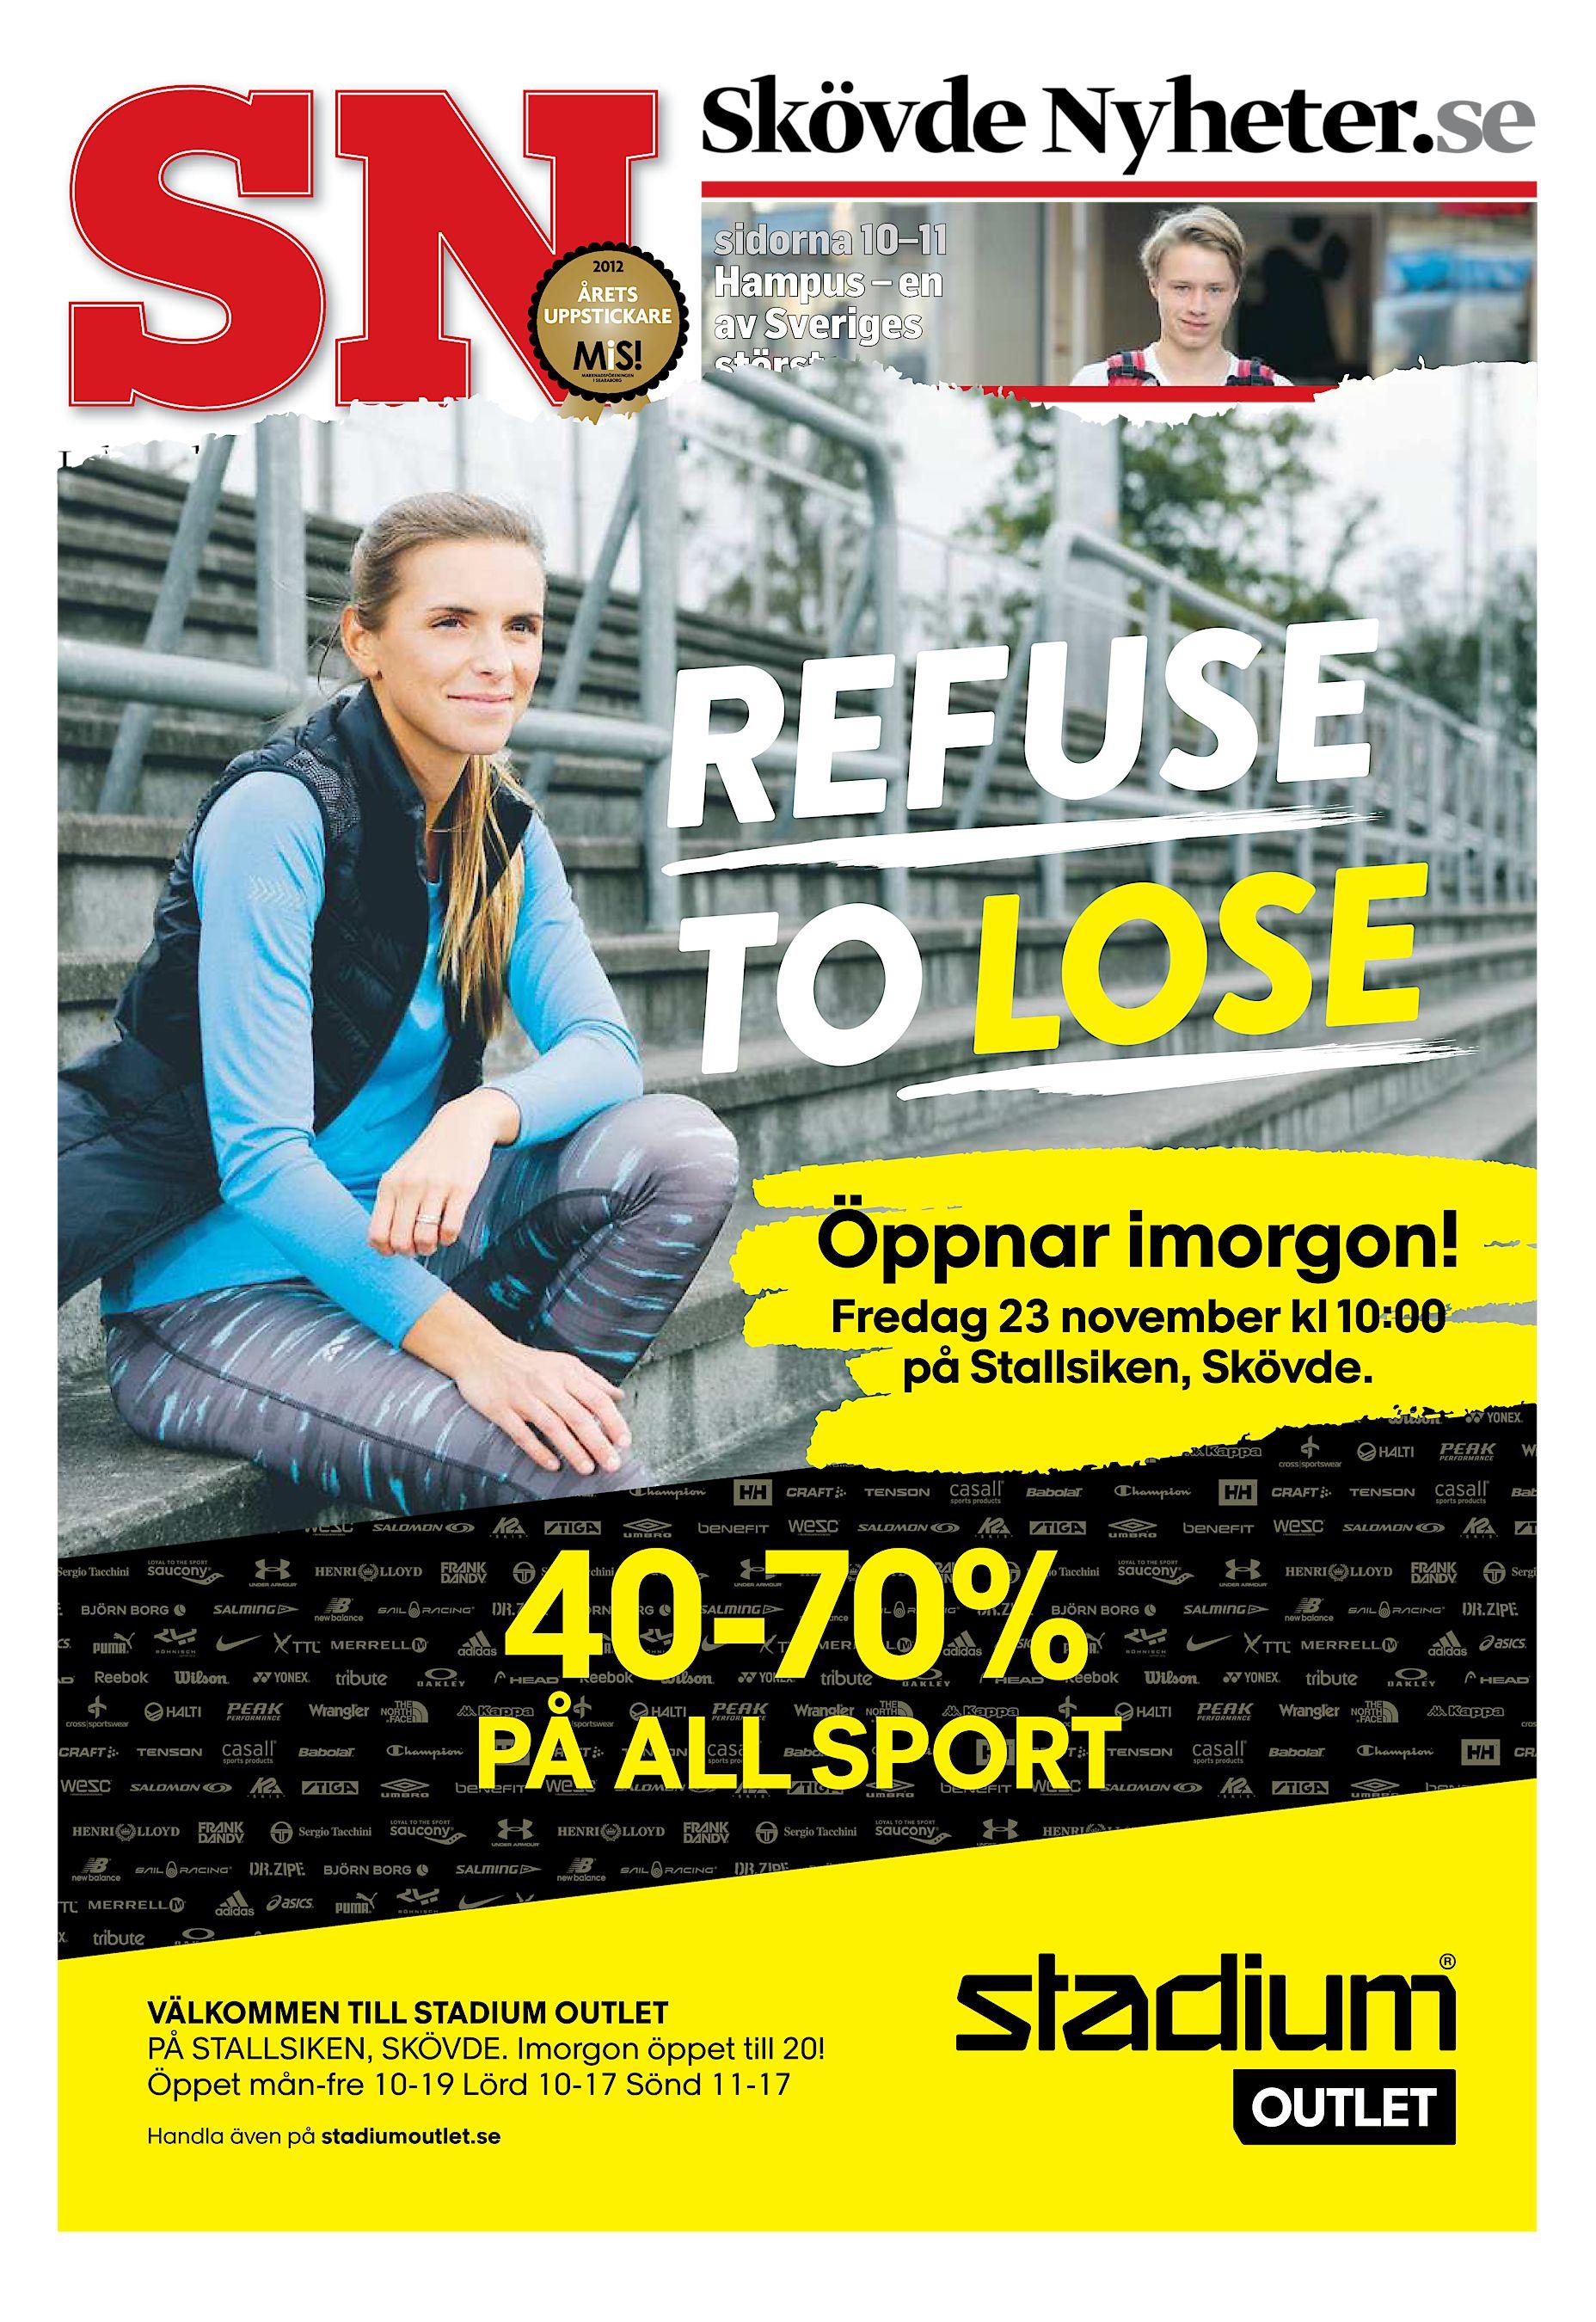 Skövde Nyheter.se sidorna 10–11 Hampus – en av Sveriges största  Lokaltidningen för alla hushåll i Skövde. Telefon 0500-78 48 51. 22  november 2018. 89944696e3df6